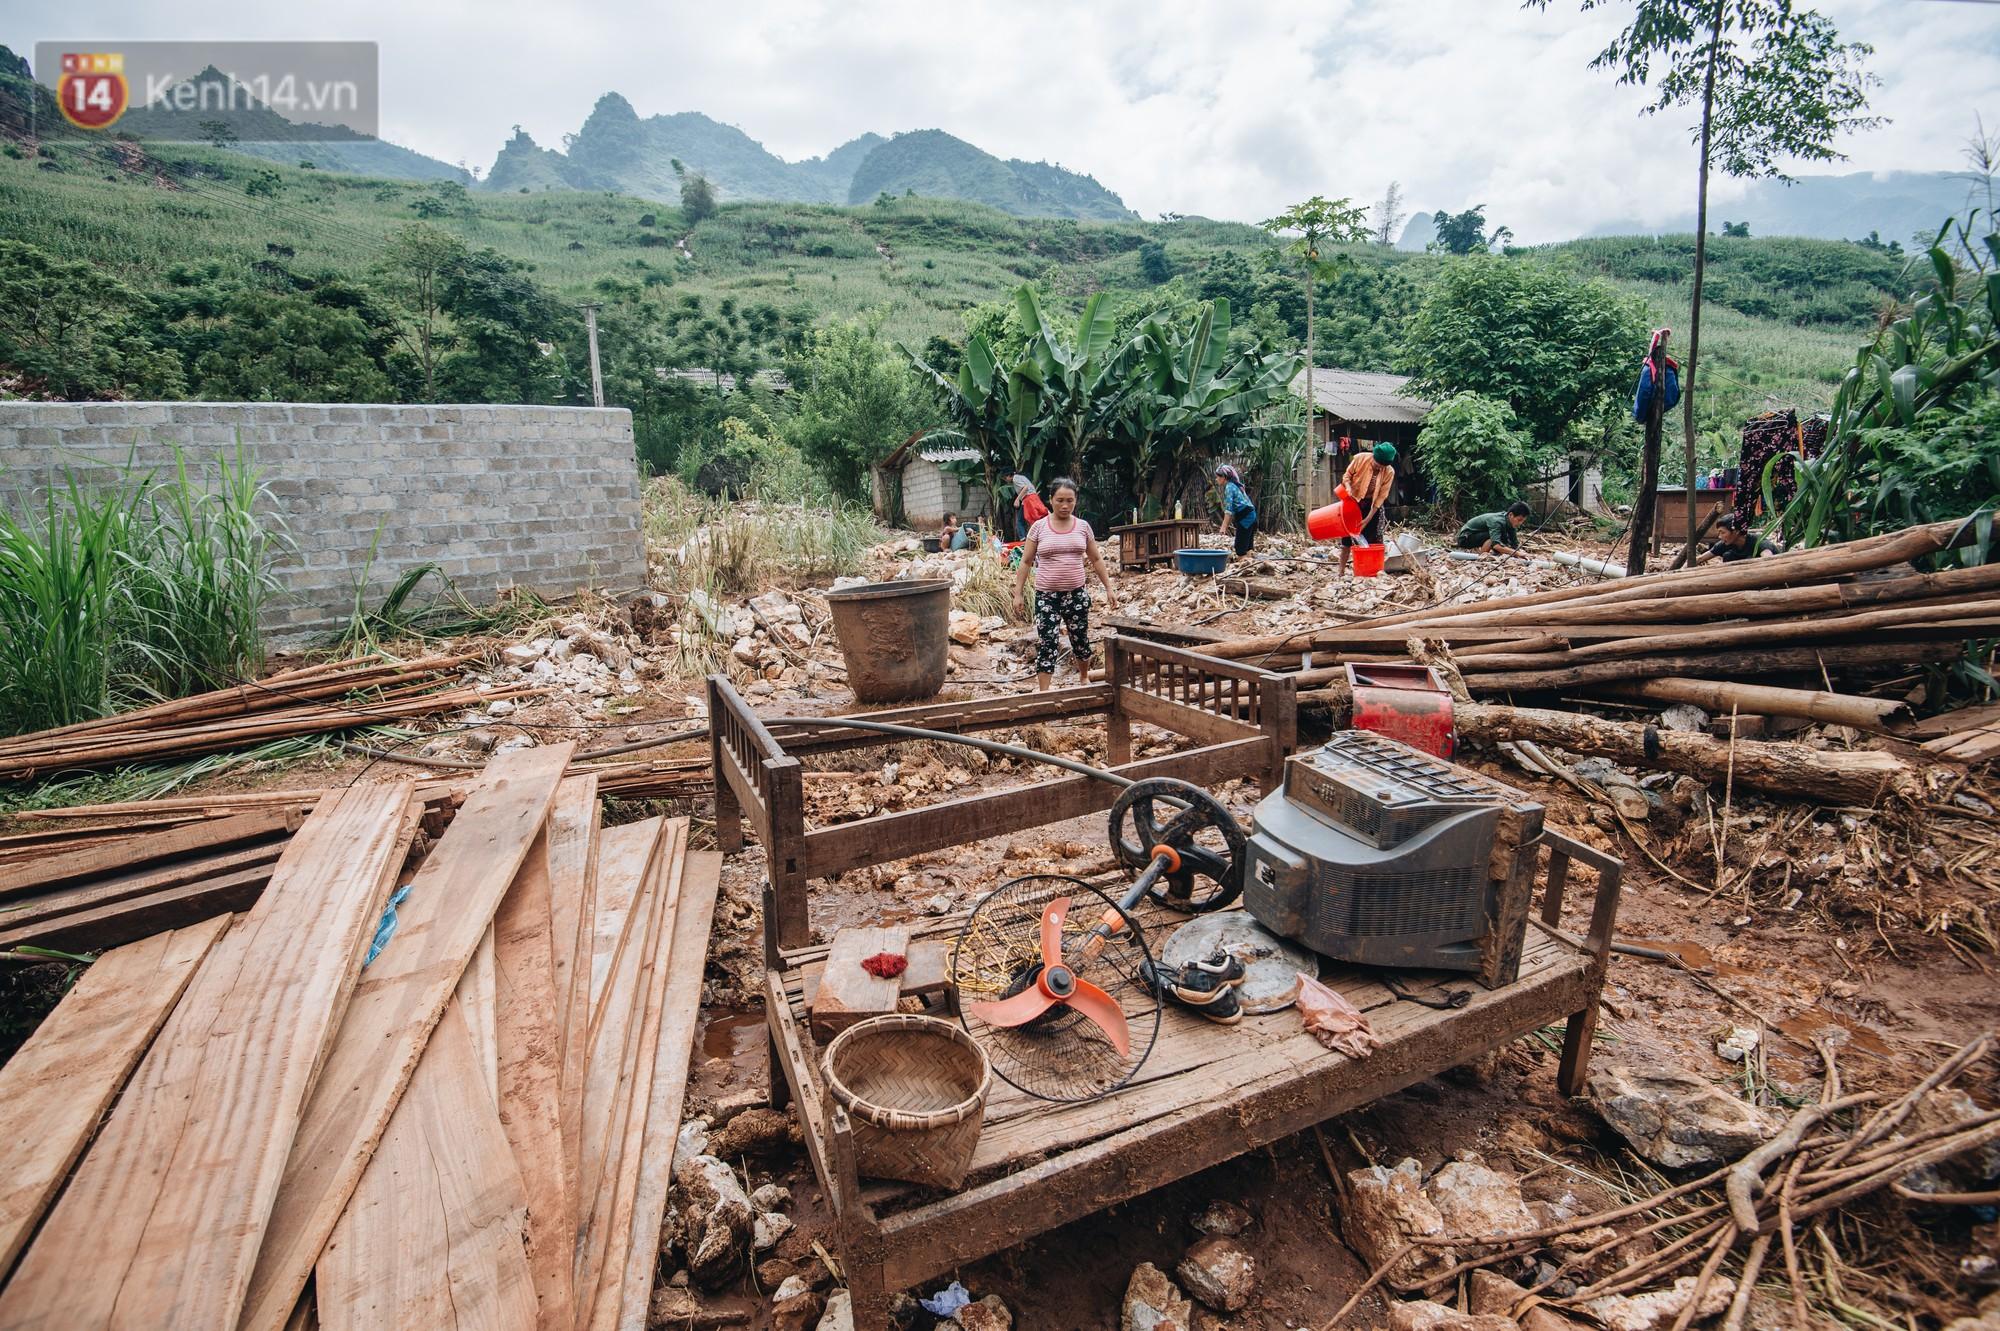 Ánh mắt kiên cường và nụ cười hồn nhiên của trẻ em Hà Giang sau trận lũ đau thương khiến 5 người chết, hàng trăm ngôi nhà đổ nát - Ảnh 2.